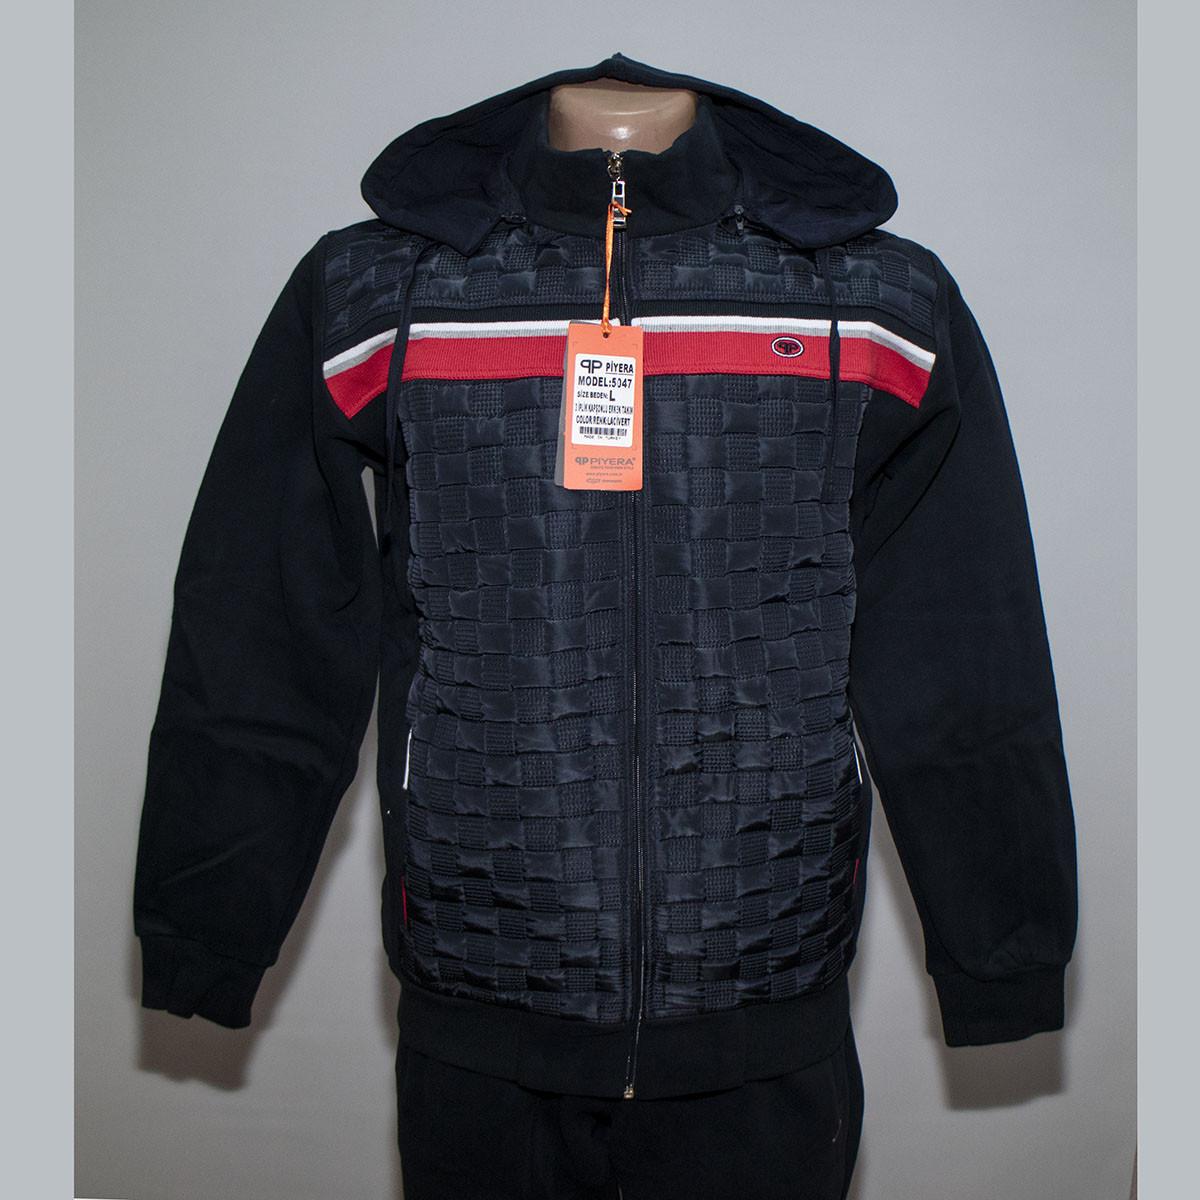 db27436ce0f4 Теплый мужской спортивный костюм с капюшоном пр-во Турция Piyera 5047